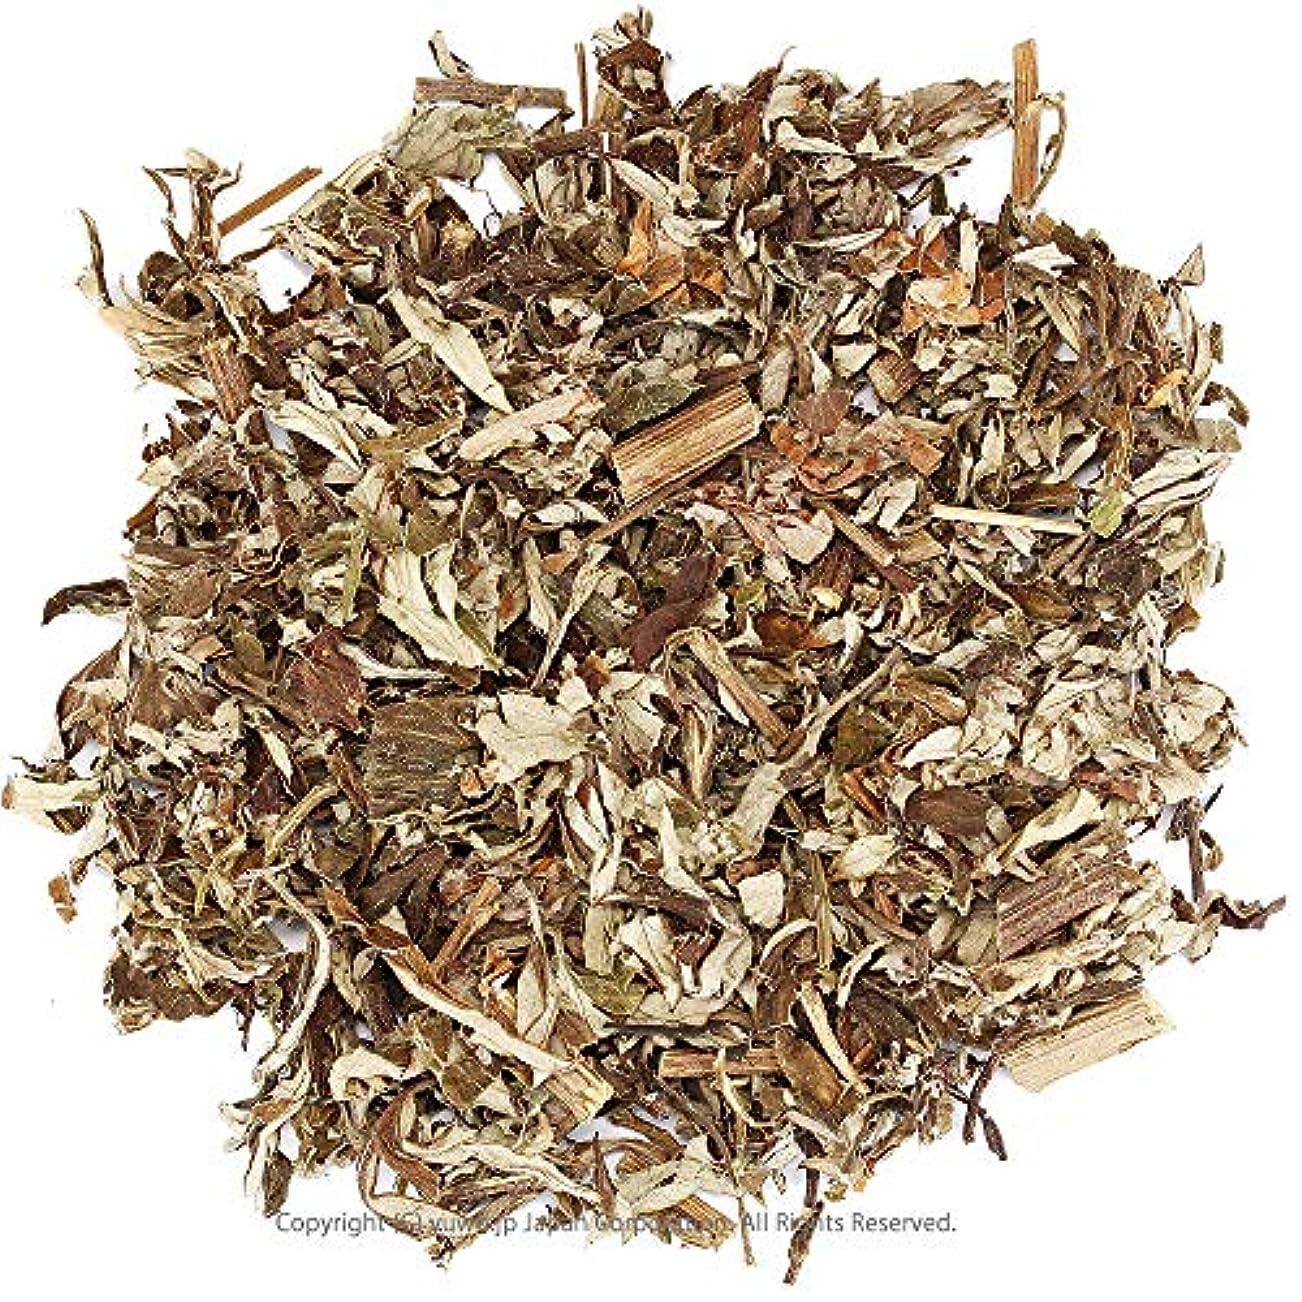 リーン不安定衝突ヨモギ業務用 500g 蓬茶 本場韓国産ヨモギ 葉(地上部 主に葉)100% 乾燥よもぎ茶 よもぎ風呂 ヨモギ蒸し